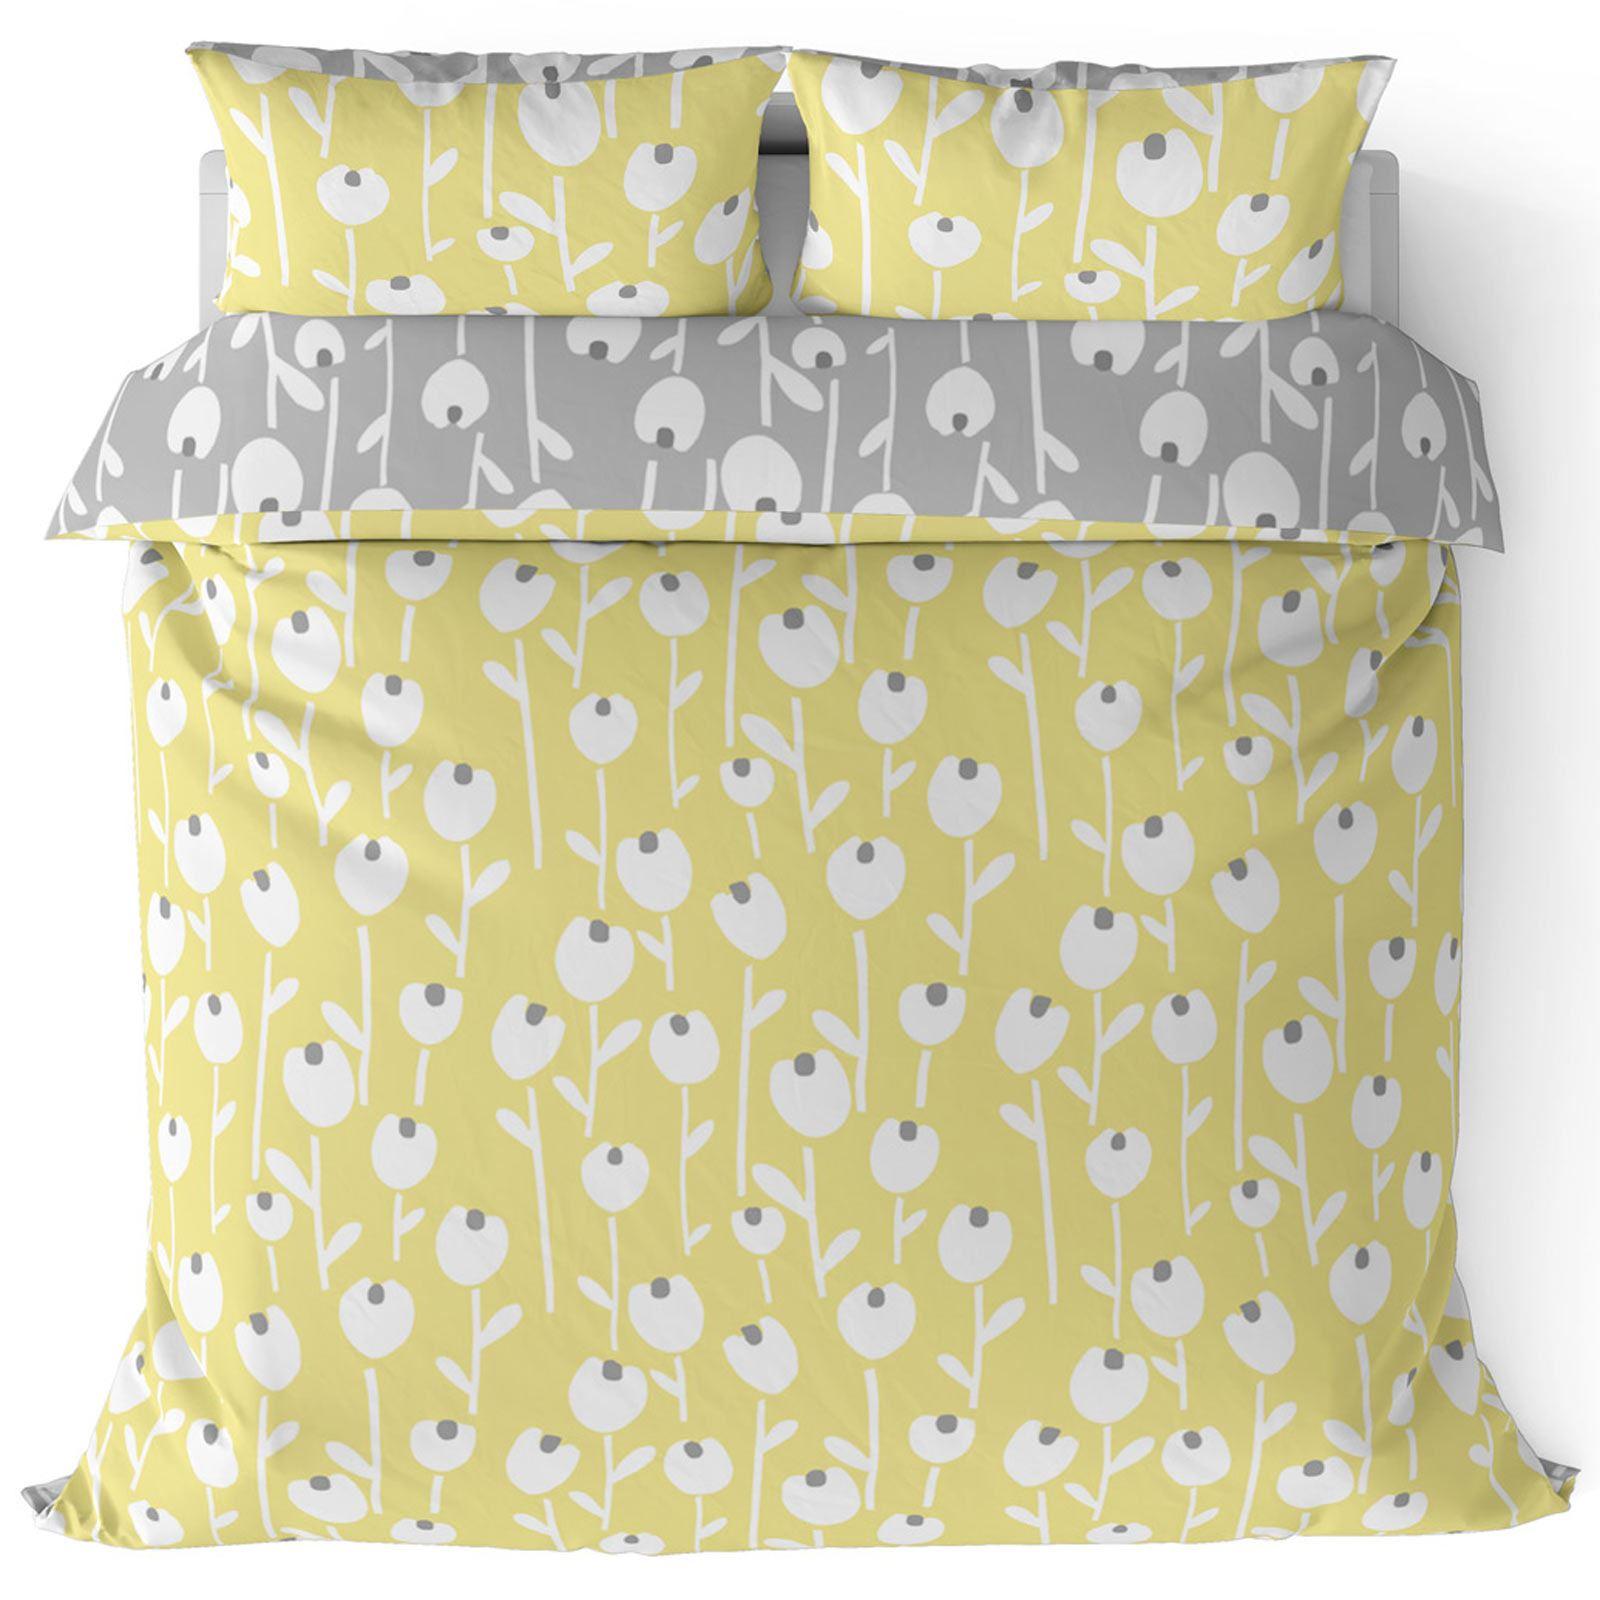 Mostaza-amarillo-ocre-Funda-de-edredon-impreso-Edredon-juego-ropa-de-cama-cubre-conjuntos miniatura 5